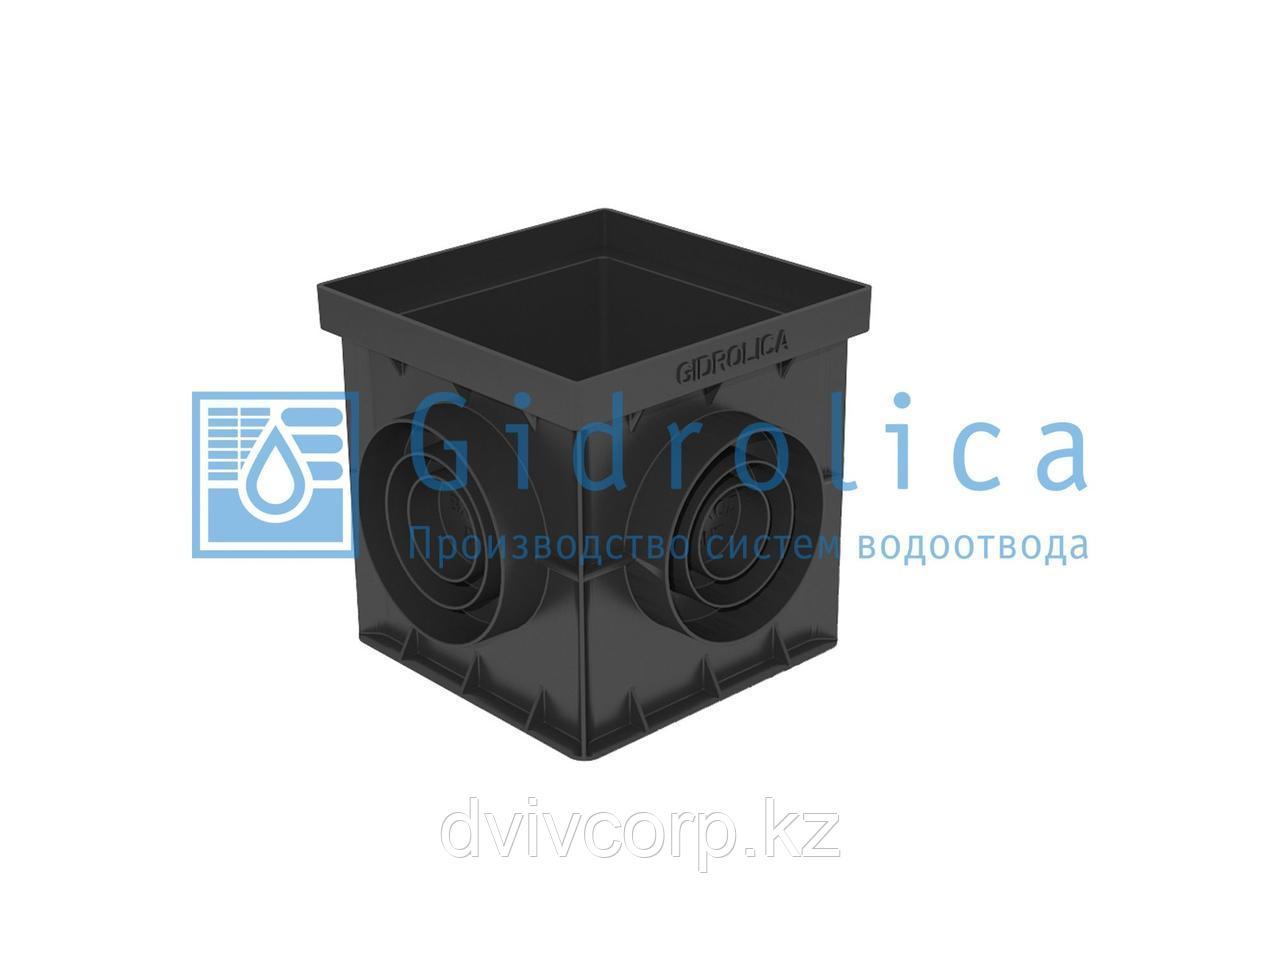 Арт. 249 Дождеприемник Gidrolica Point ДП-20.20 – пластиковый